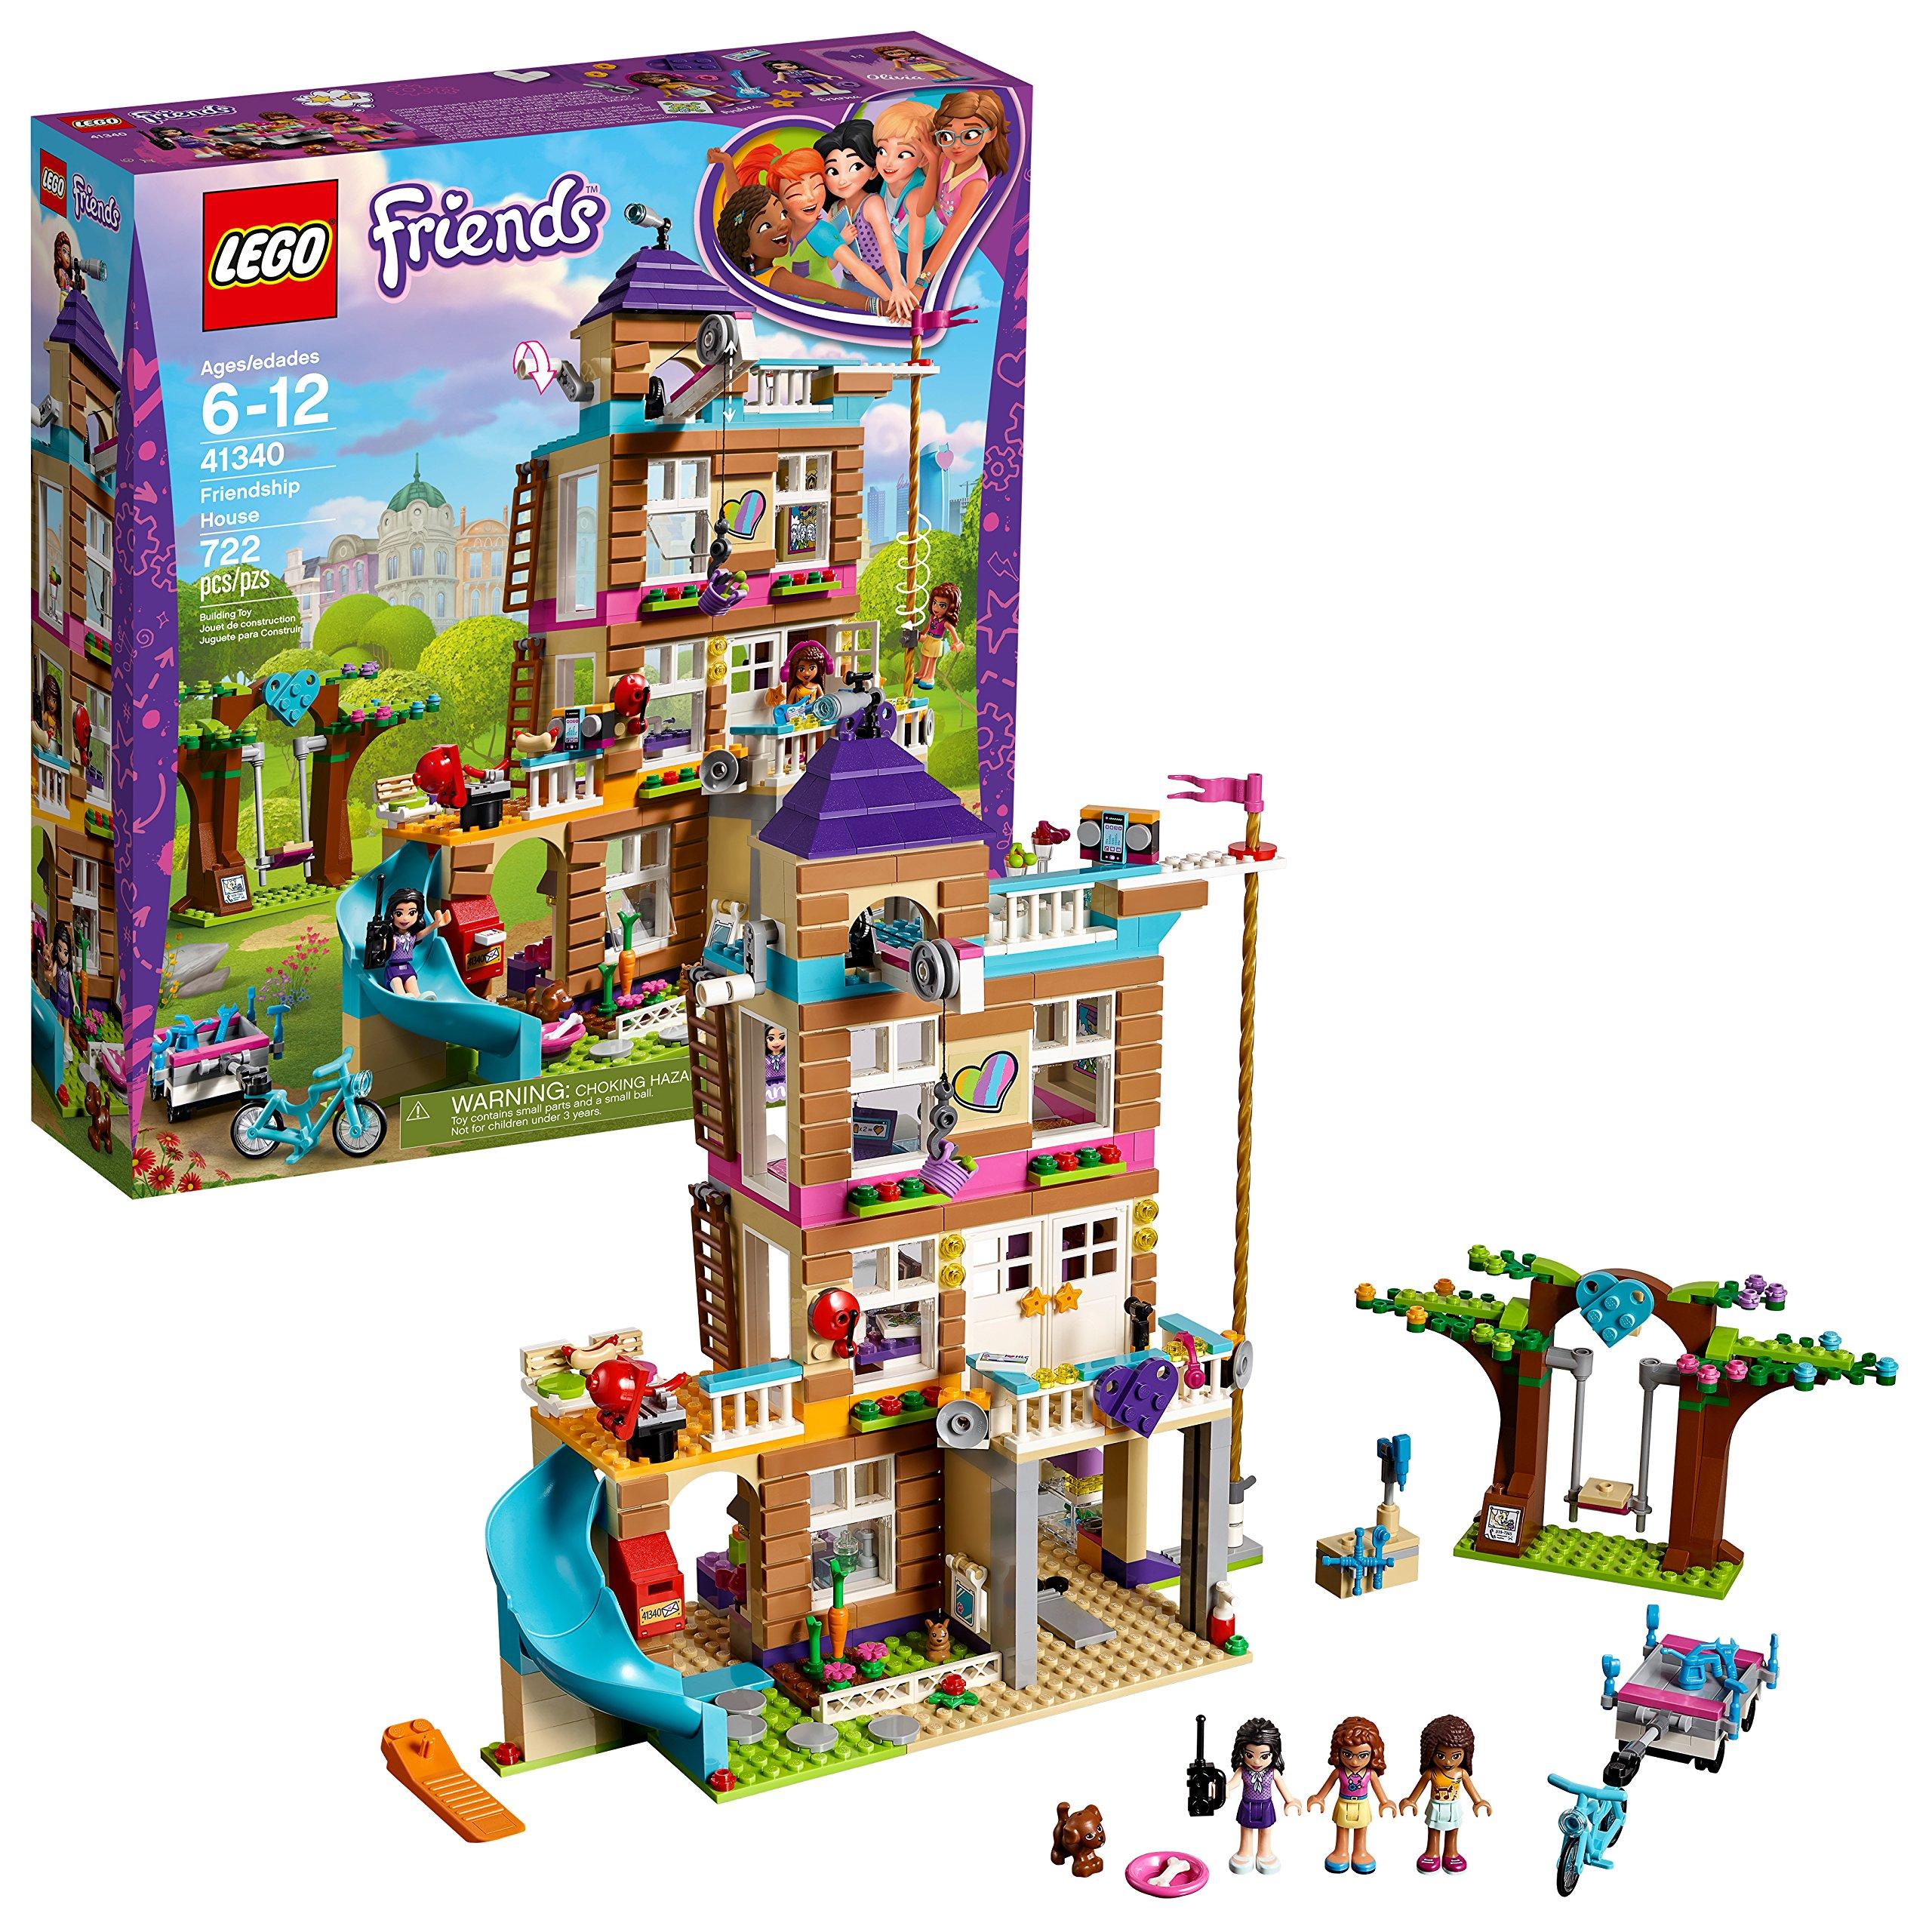 LEGO Friends Friendship House 41340 Building Set (722 Piece)